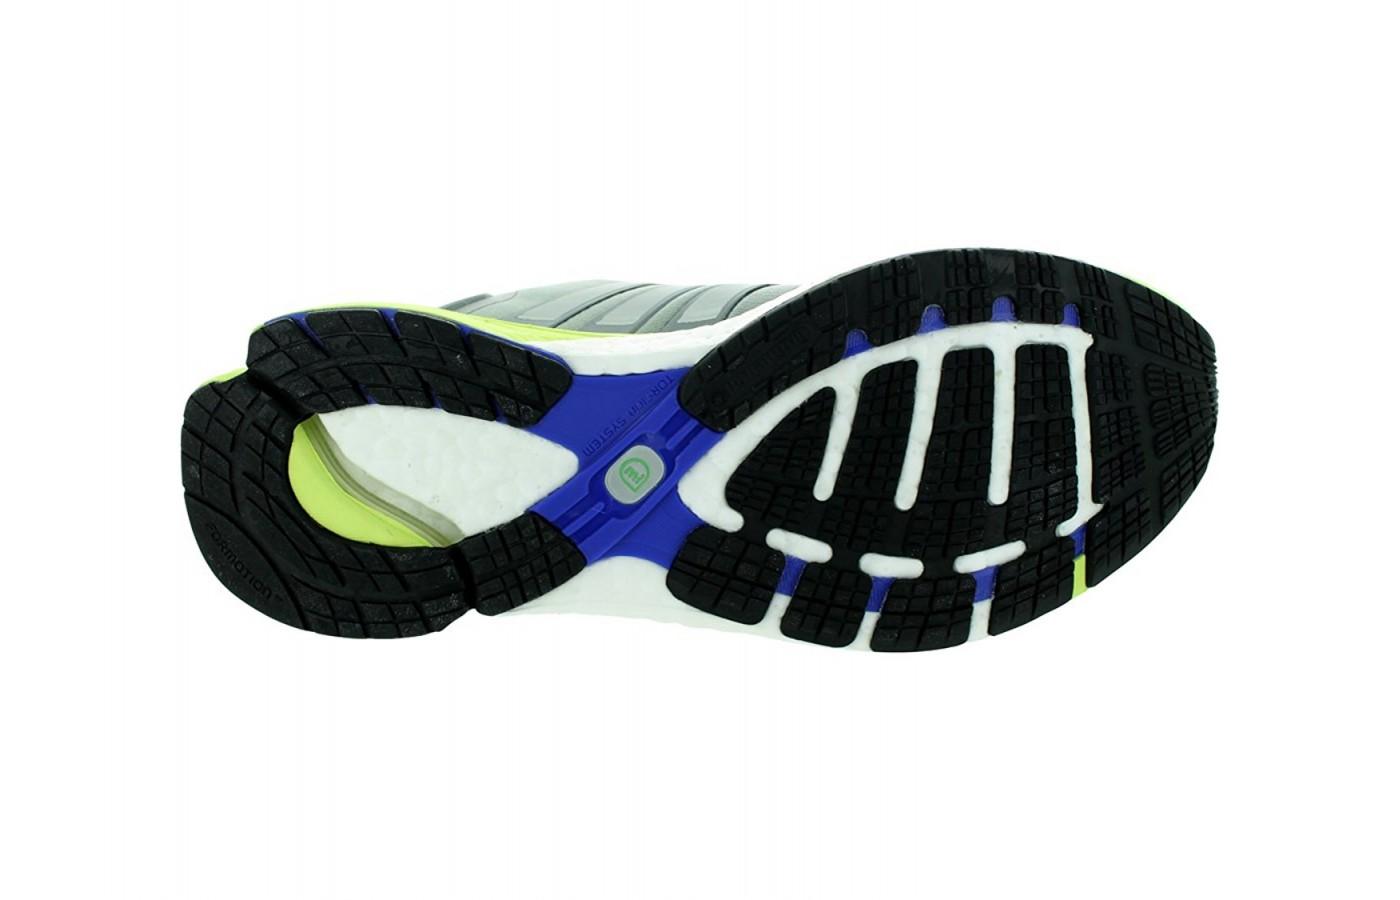 Adidas Adistar Boost ESM sole